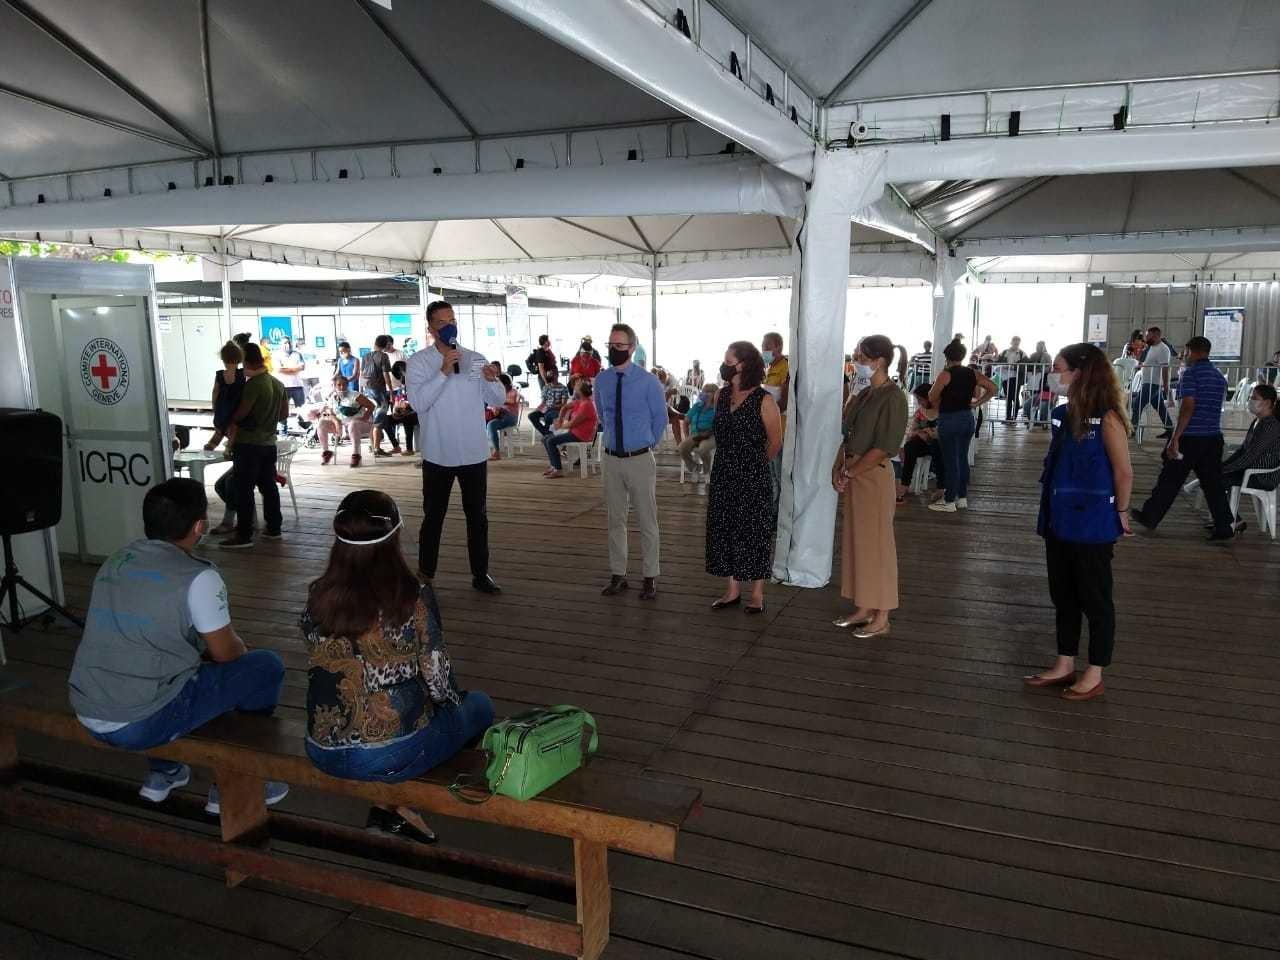 Representantes do Ministério da Justiça e Segurança Pública visitam Roraima em ação contra o tráfico de pessoas em fronteiras